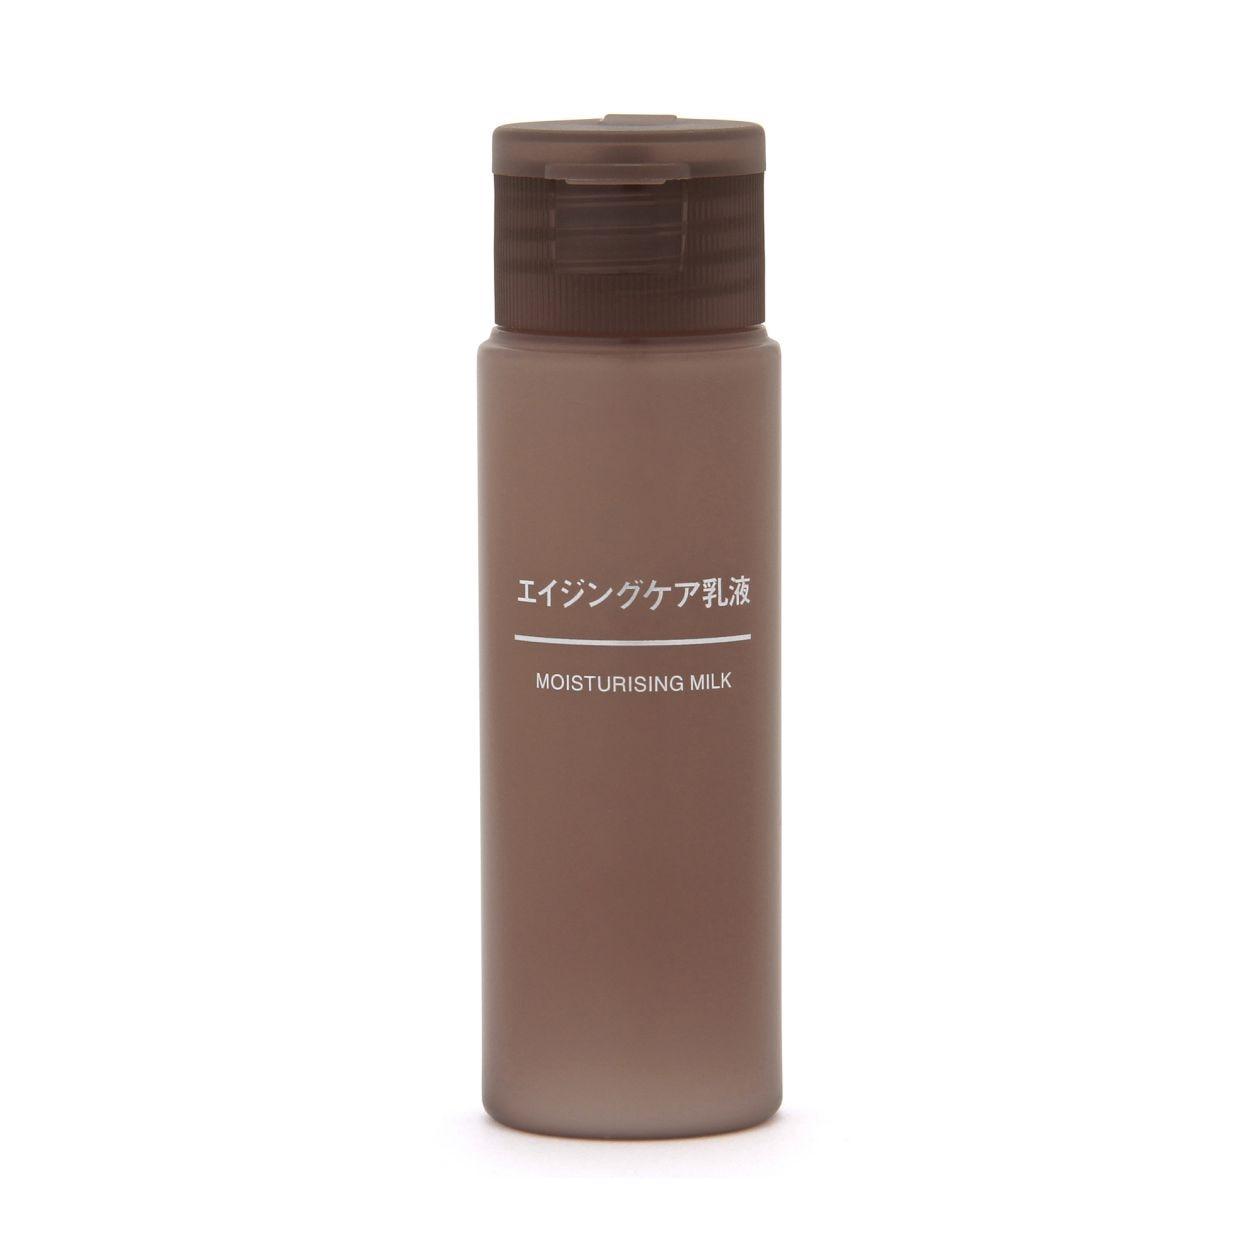 エイジングケア乳液(携帯用)